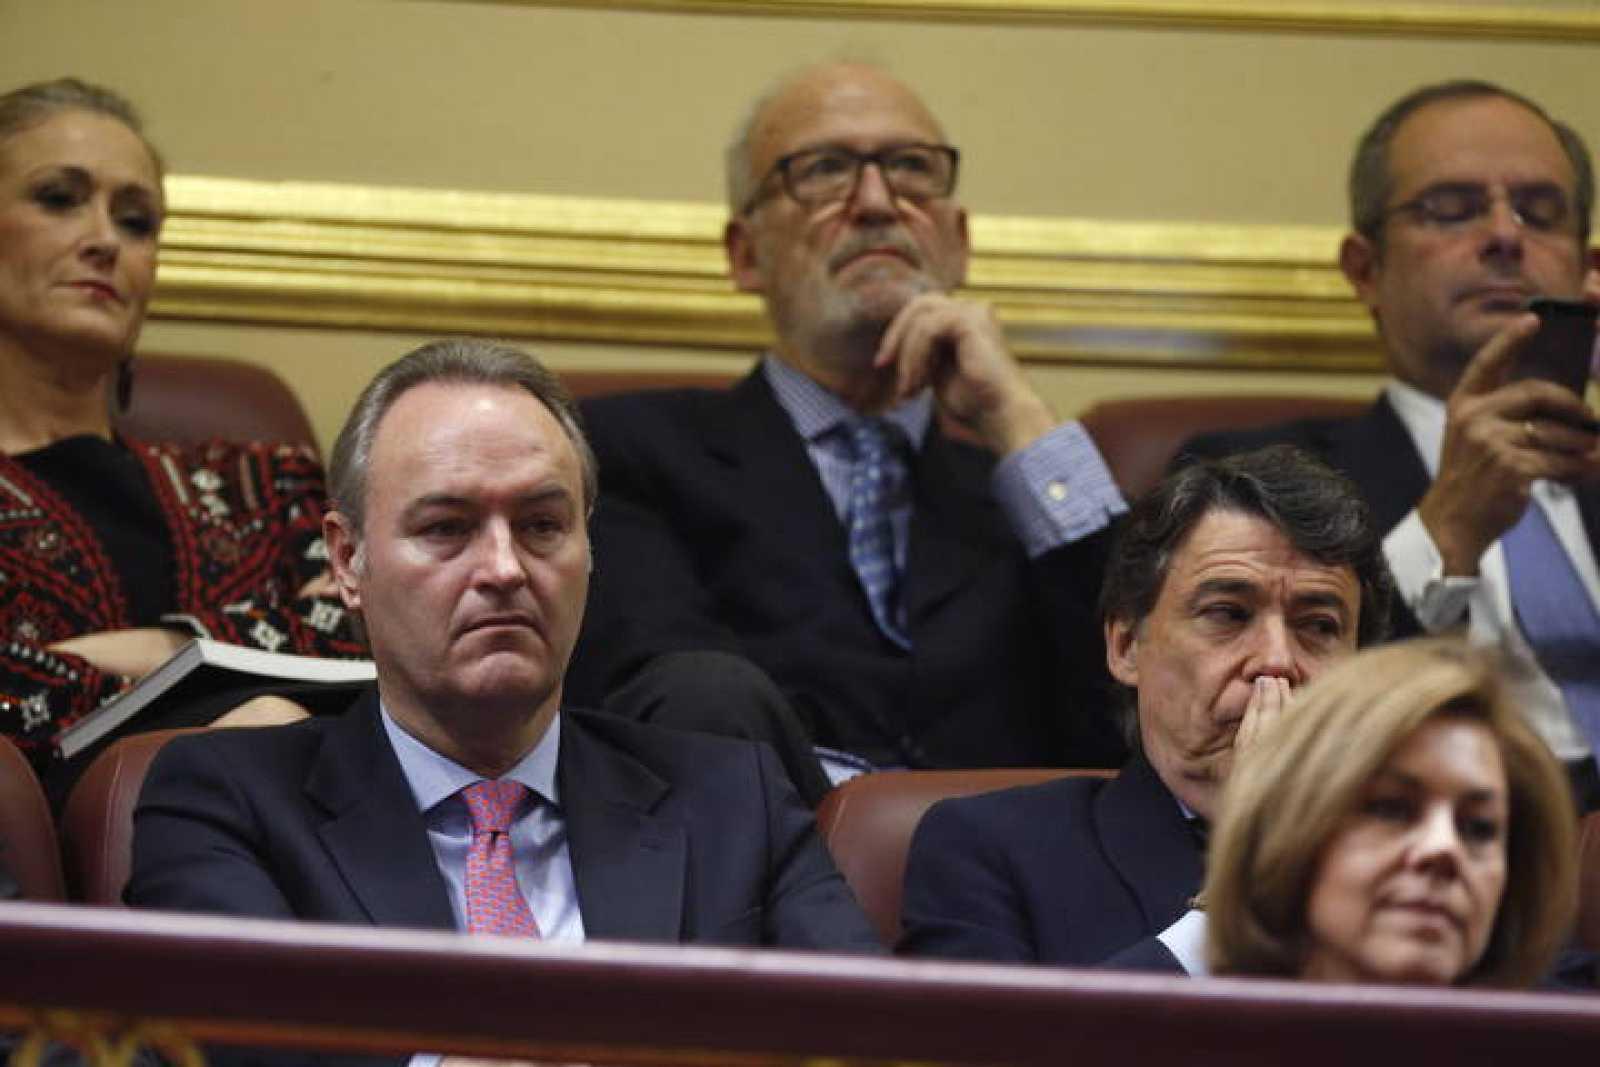 Los presidentes de la Generalitat Valenciana, Alberto Fabra; de la Comunidad de Madrid, Ignacio González, y de Castilla-La Mancha, María Dolores de Cospedal, escuchan el debate desde la tribuna del Congreso.